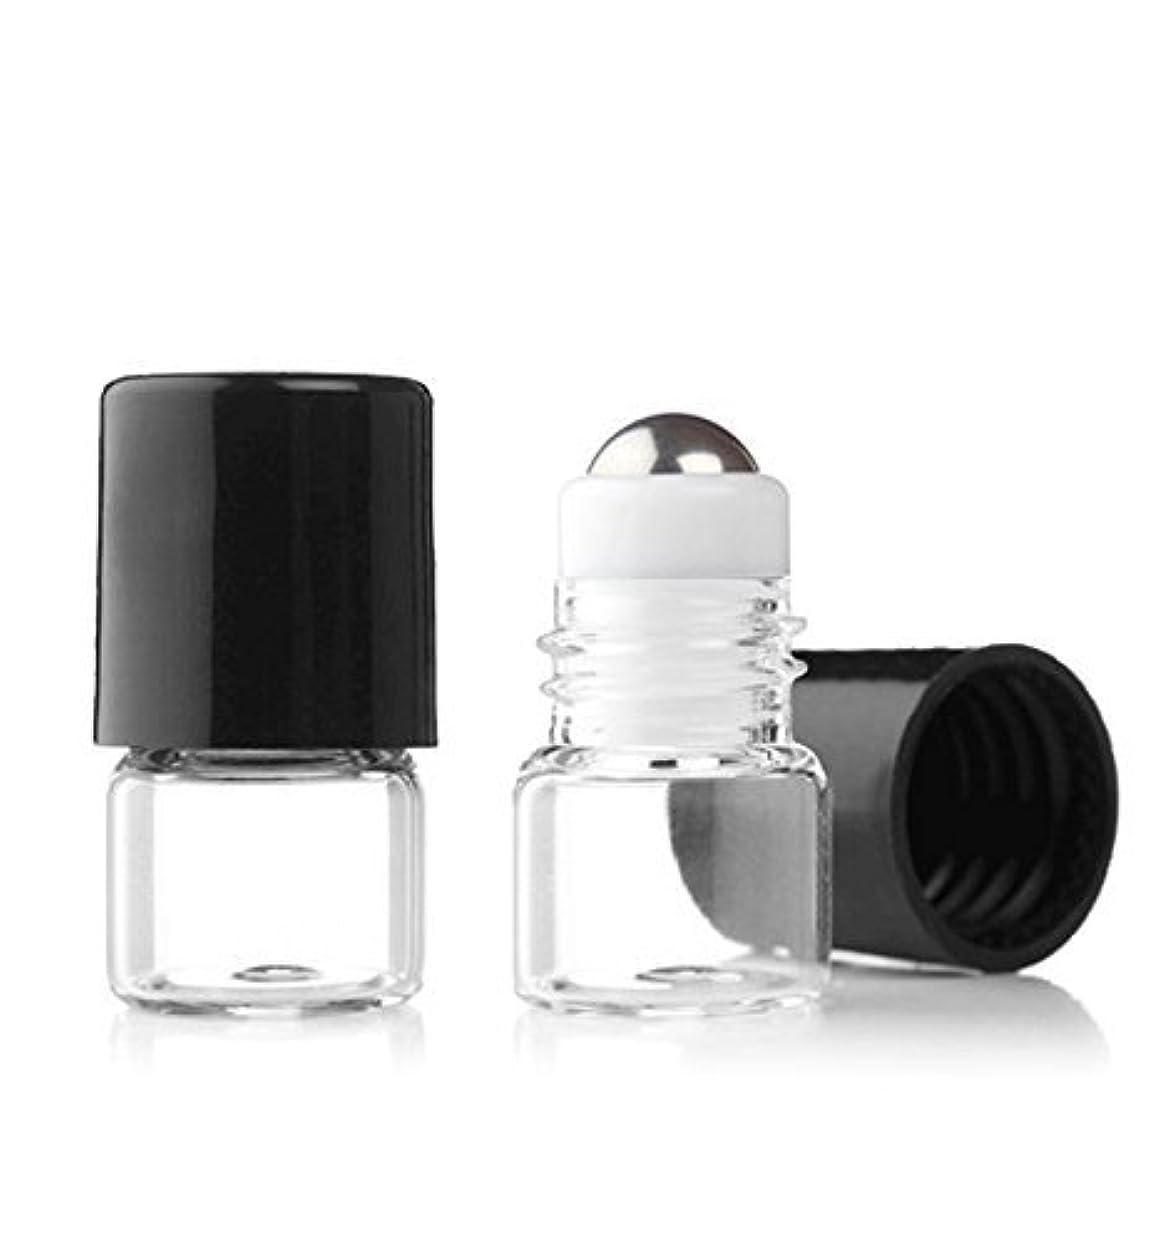 意識別々に航海のGrand Parfums Empty 1ml Micro Mini Rollon Dram Glass Bottles with Metal Roller Balls - Refillable Aromatherapy...